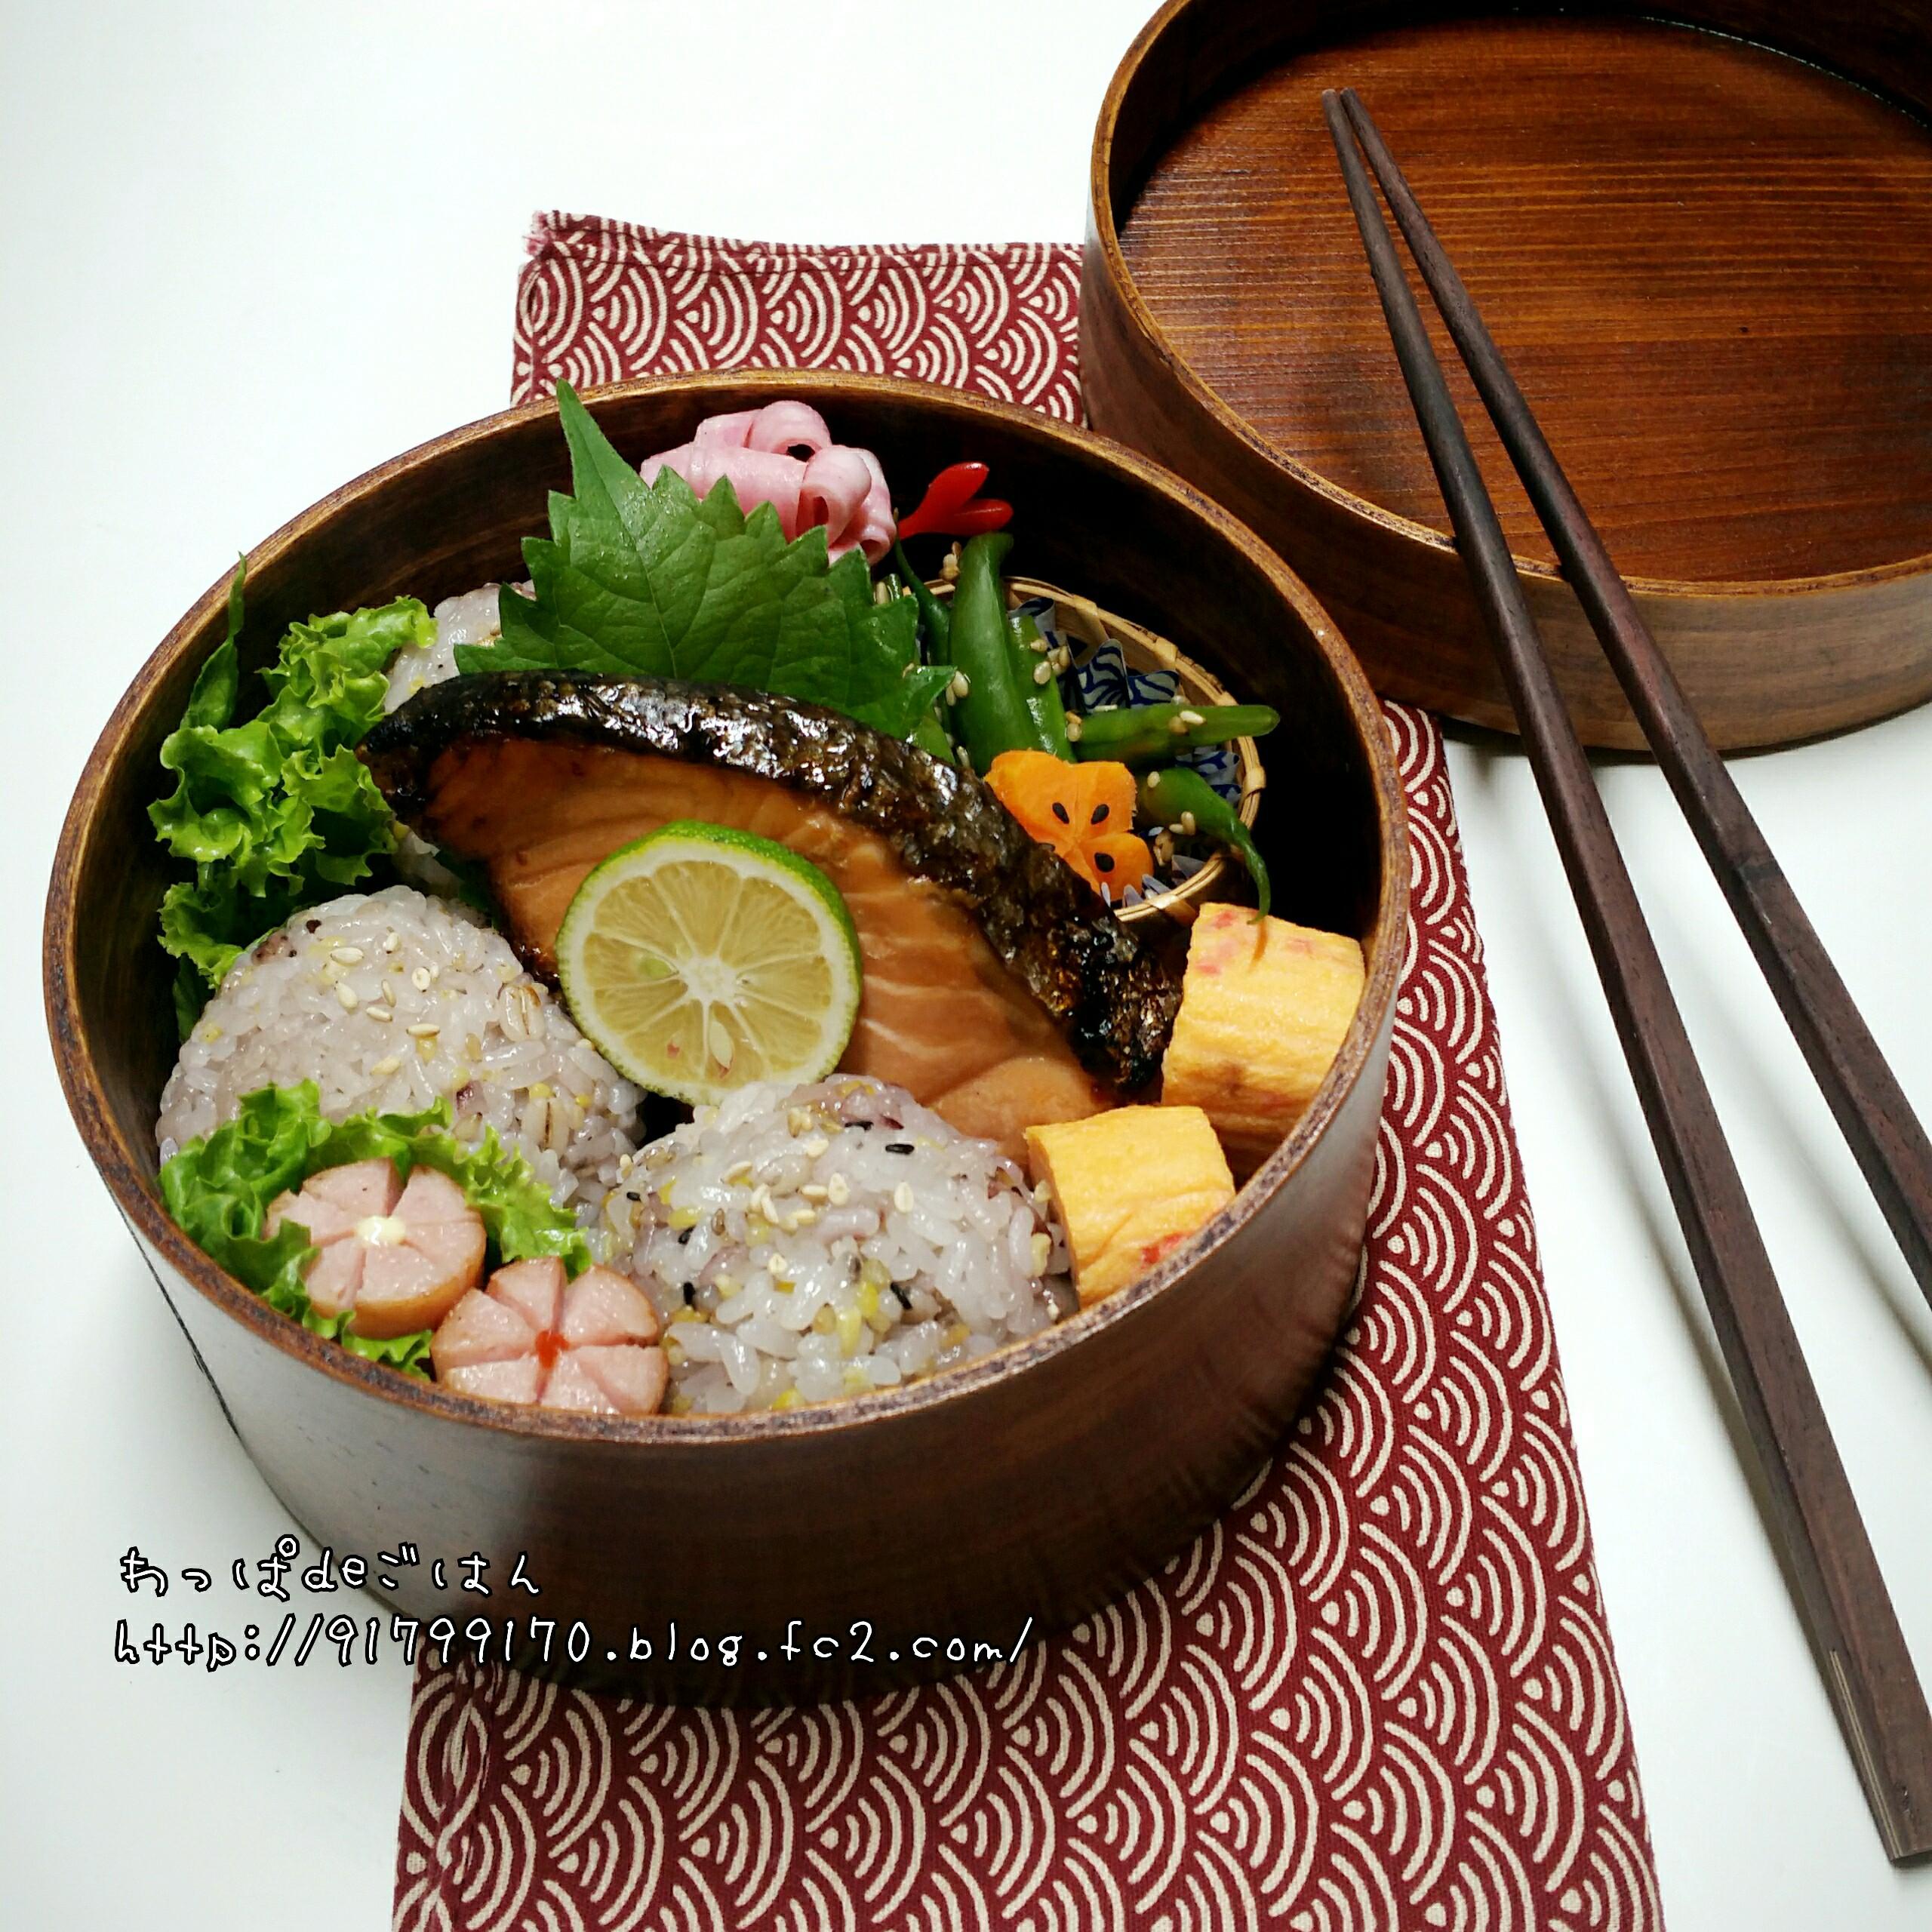 2015/10/3 秋鮭で柚庵焼き弁当